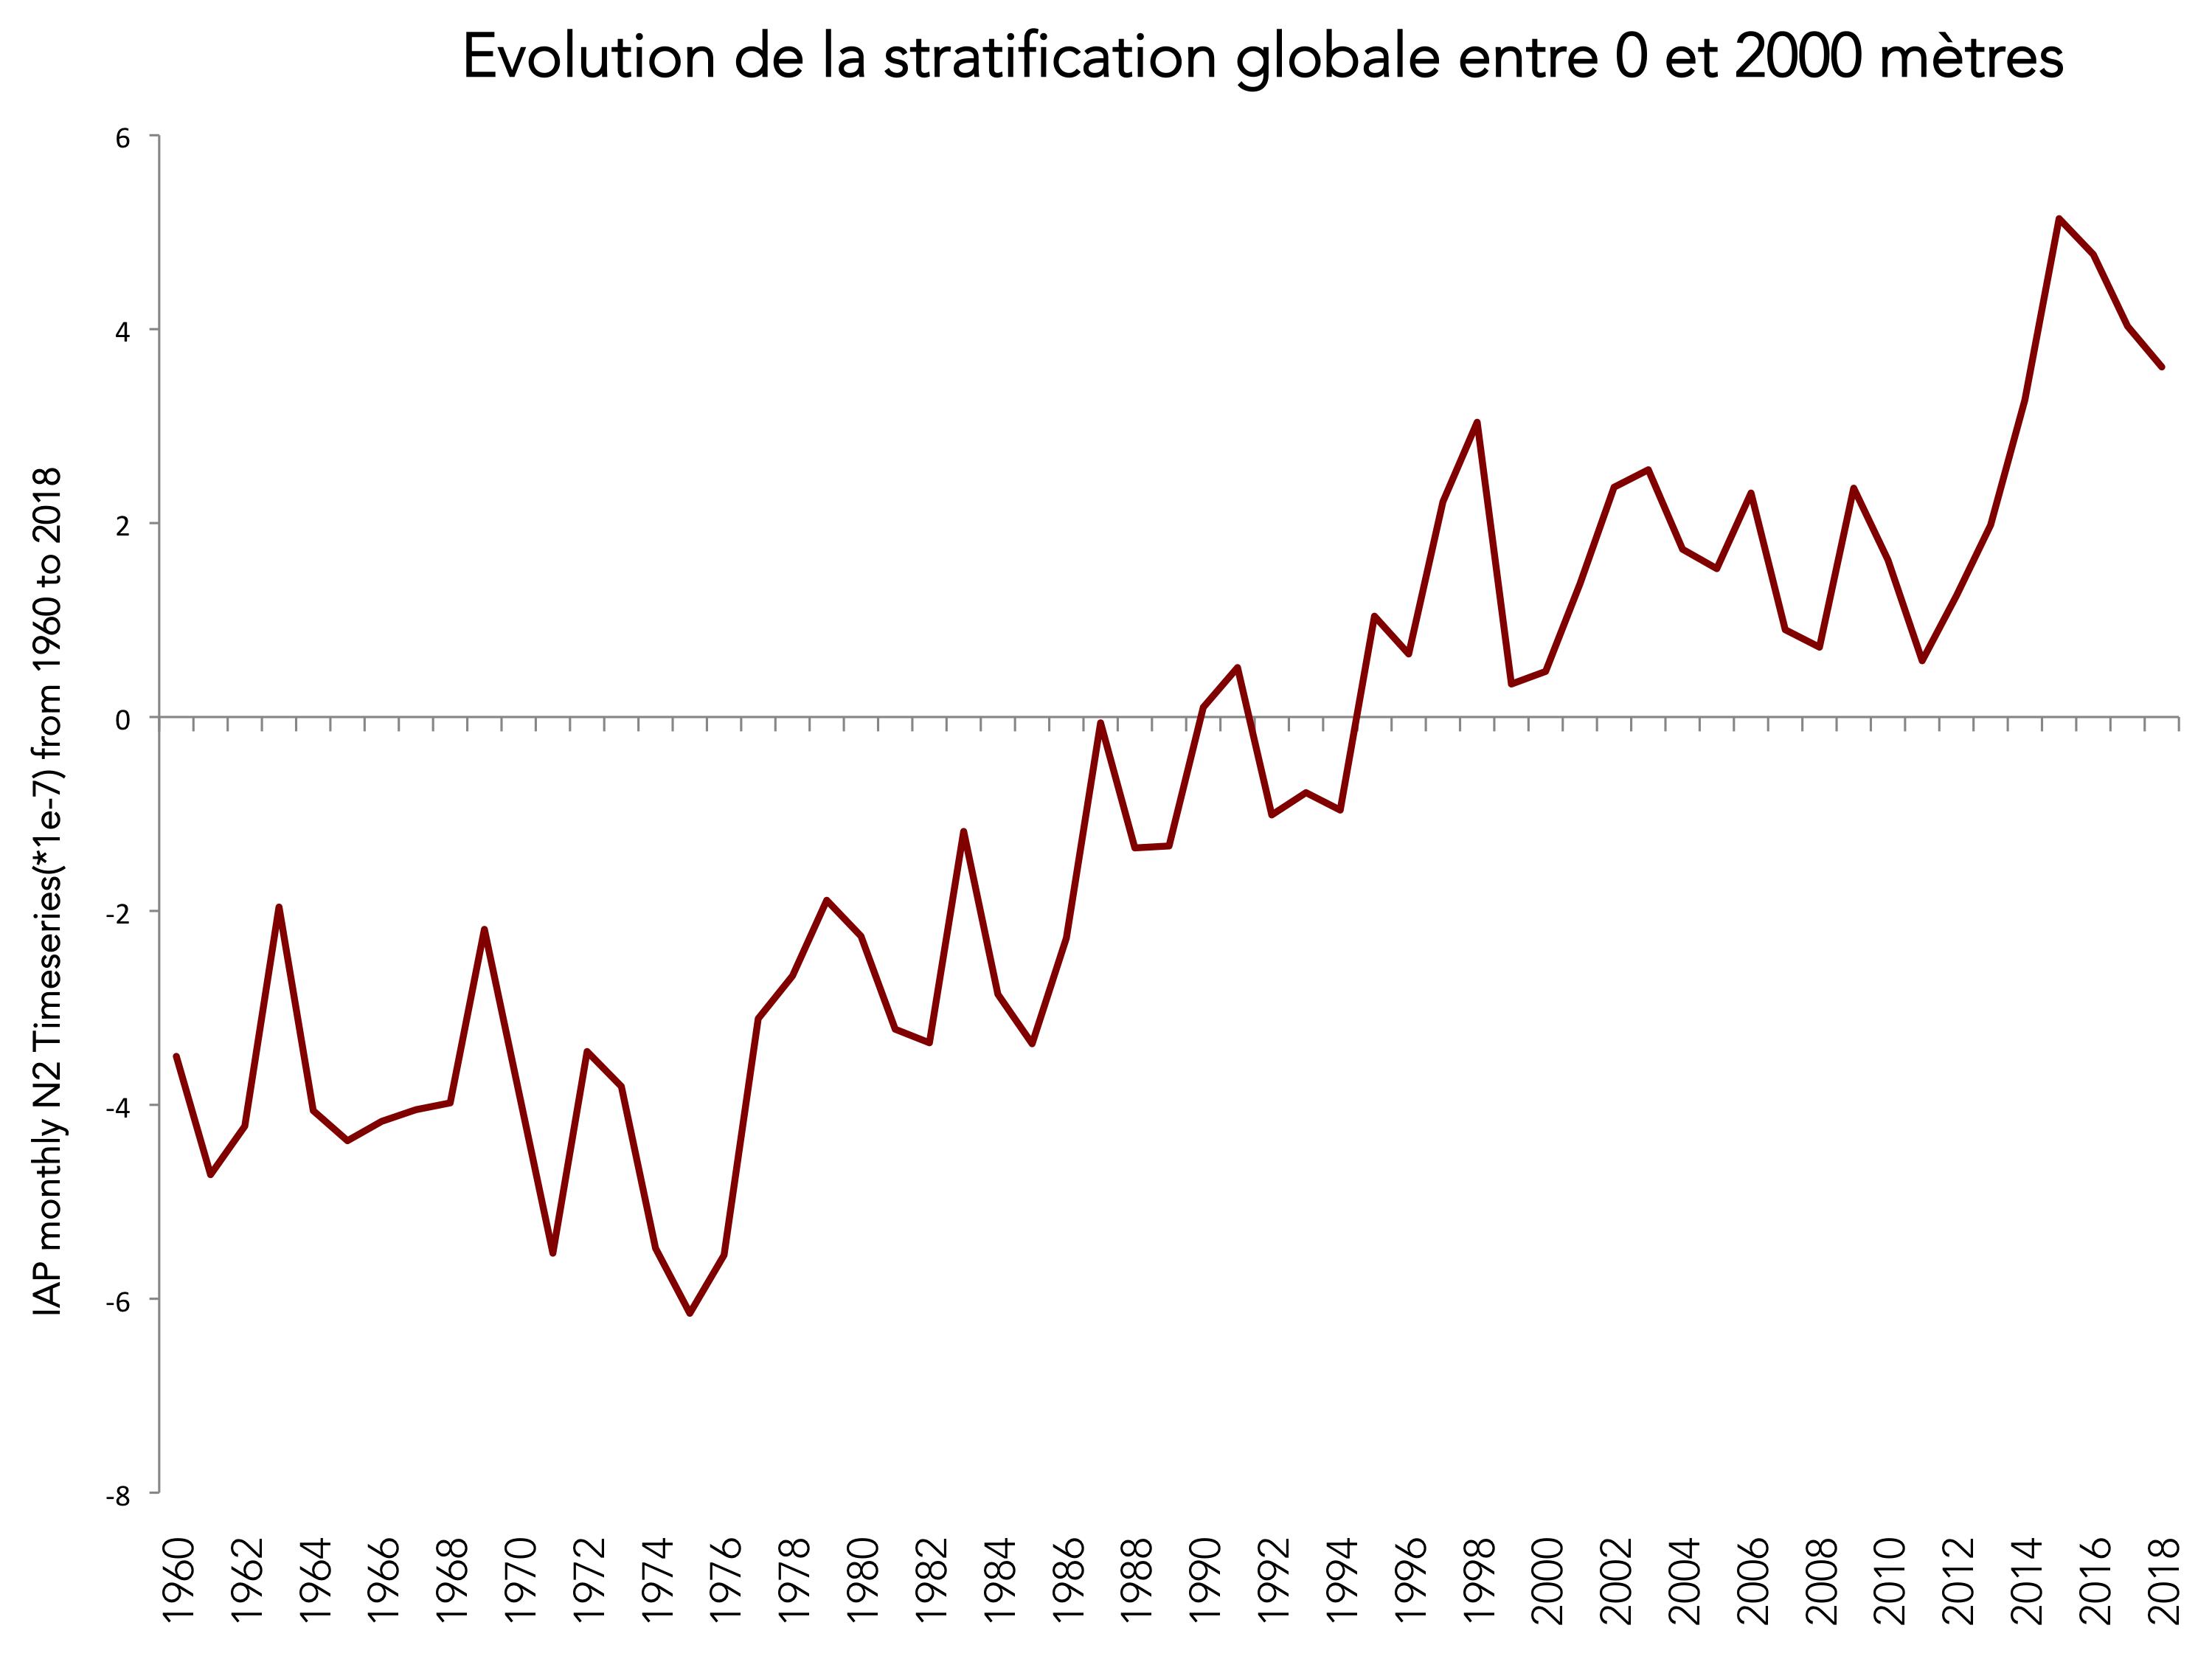 L'océan plus stratifié avec le réchauffement climatique